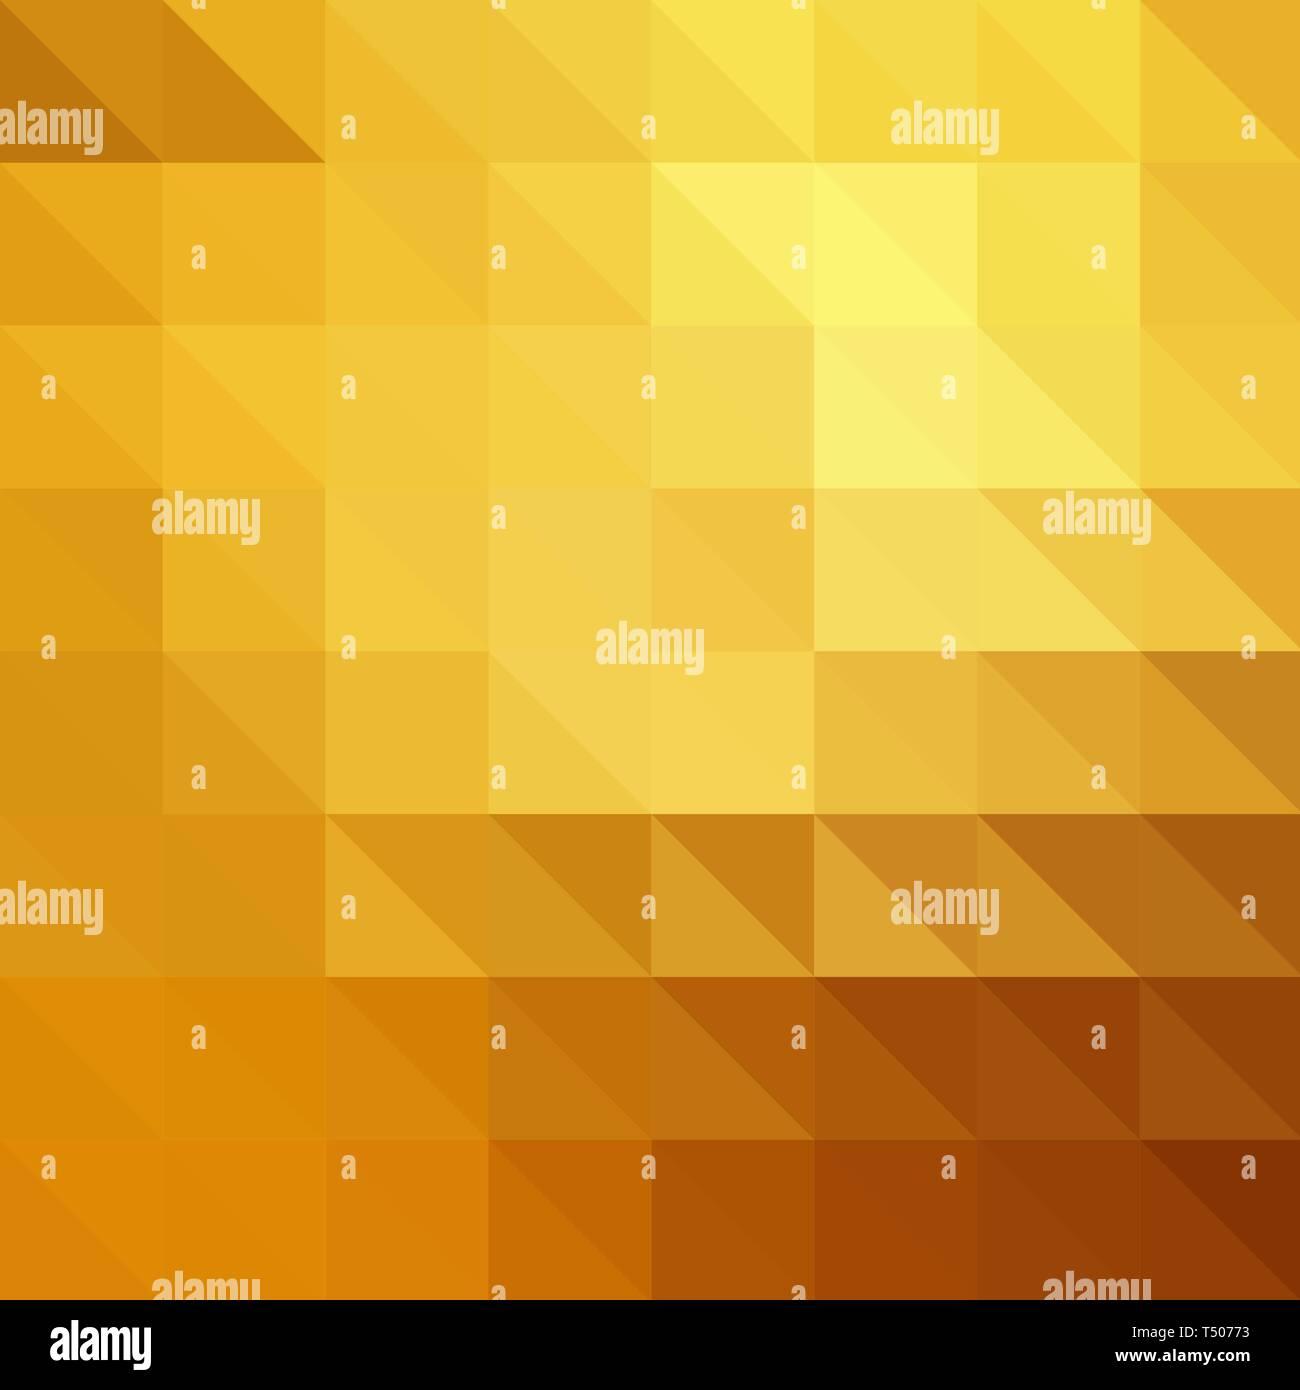 Efecto de metal dorado con partículas brillantes borrosa. Resumen antecedentes con malla iridiscente degradado. Ilusión Visual de brilla con superficie de metal. Backgr Imagen De Stock